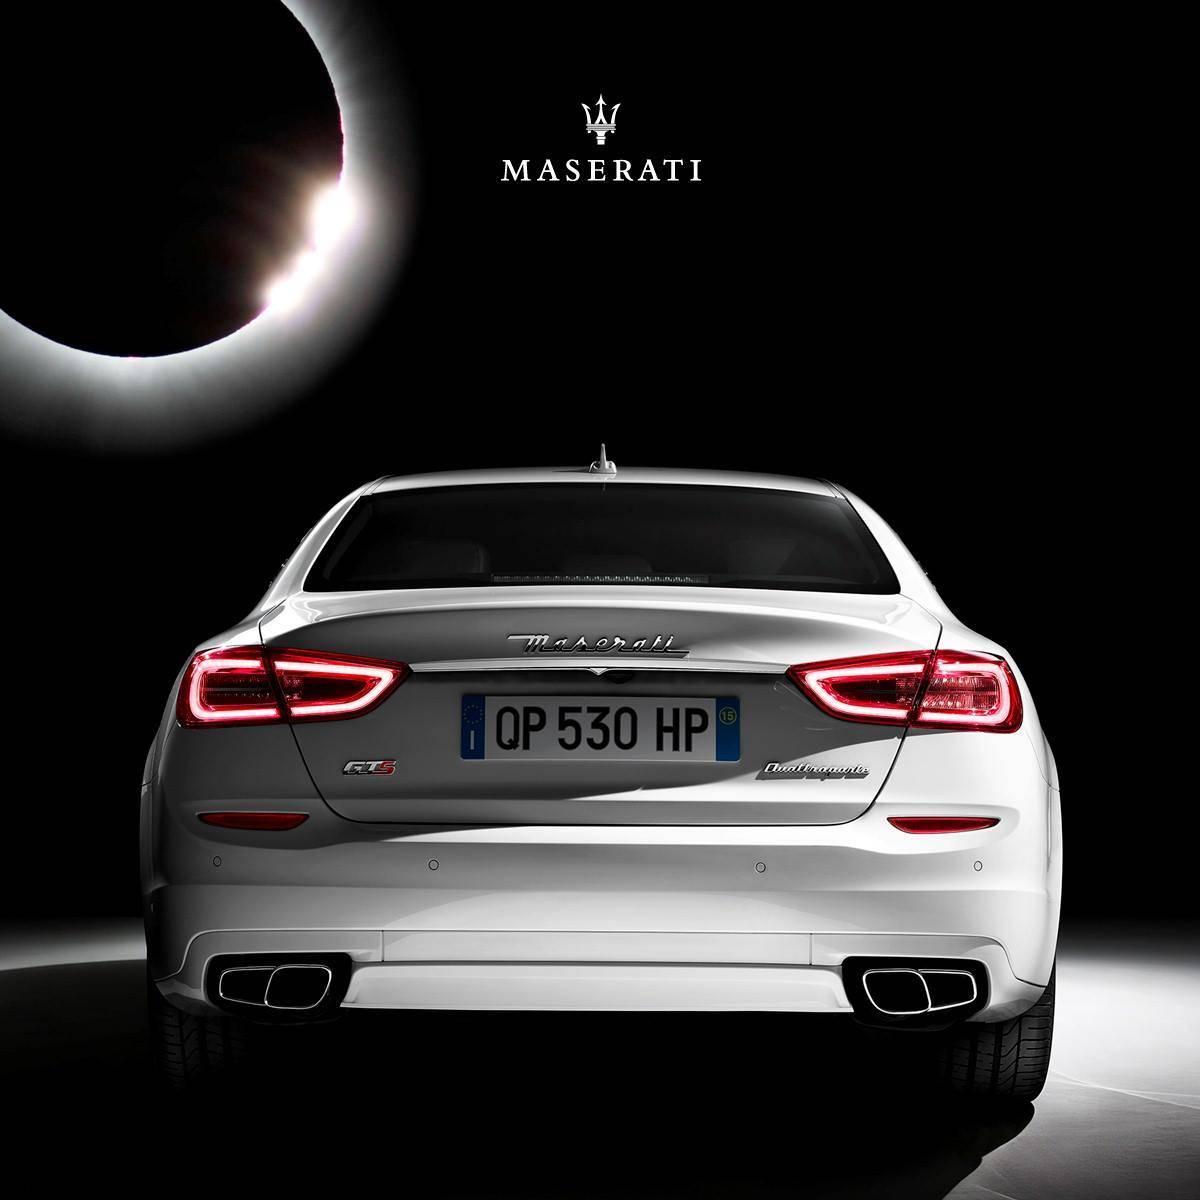 Maserati Zacmienie Slonca